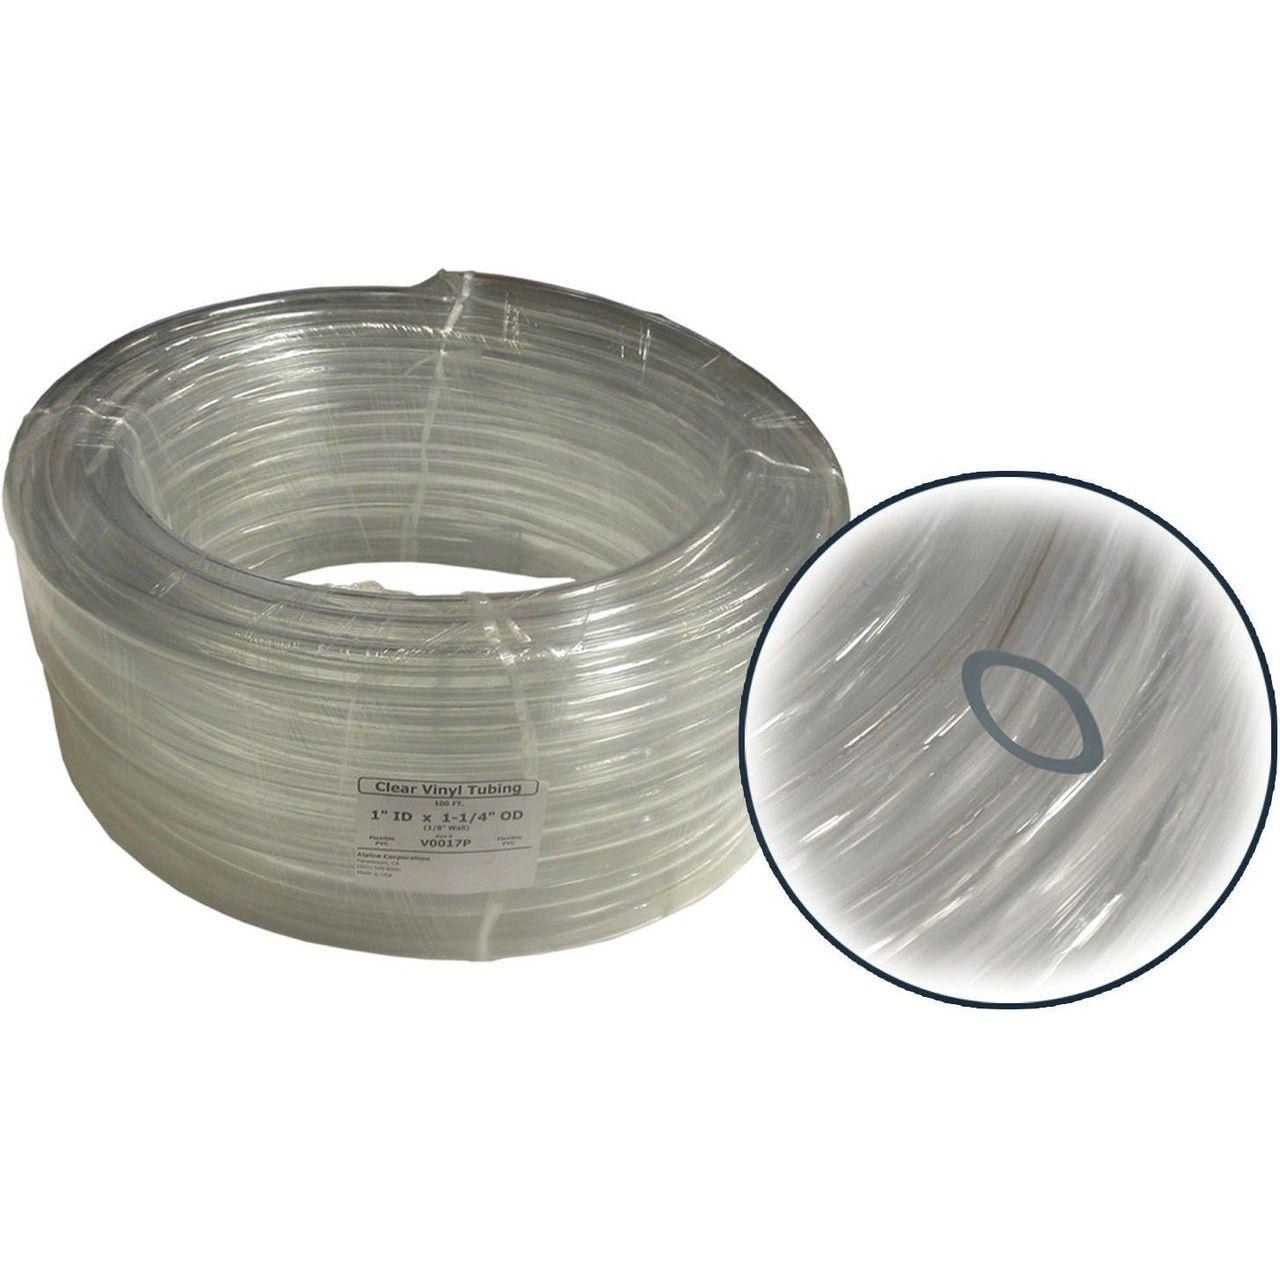 Alpine V0347P PVC Clear Tubing - 3/4'' ID x 1''OD x 1/8'' Wall x 100' Coil